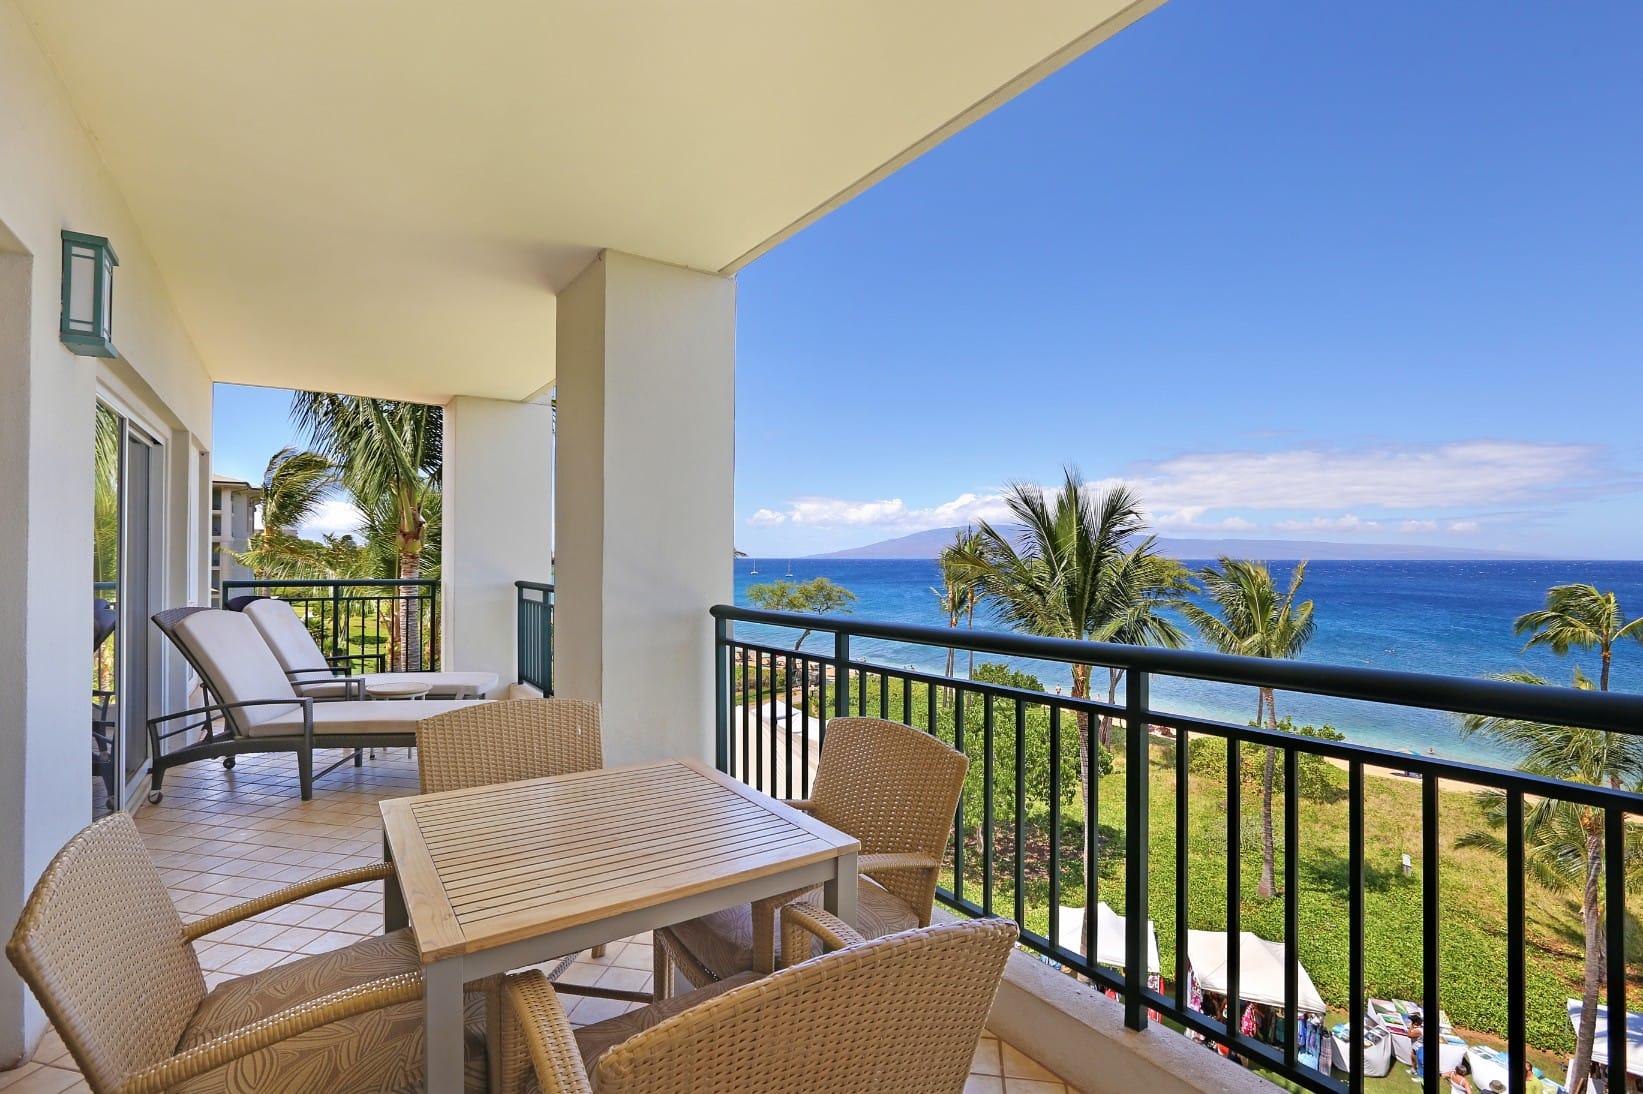 Deluxe 4 BR villa in 5 star beach resort DaNang Vietnam